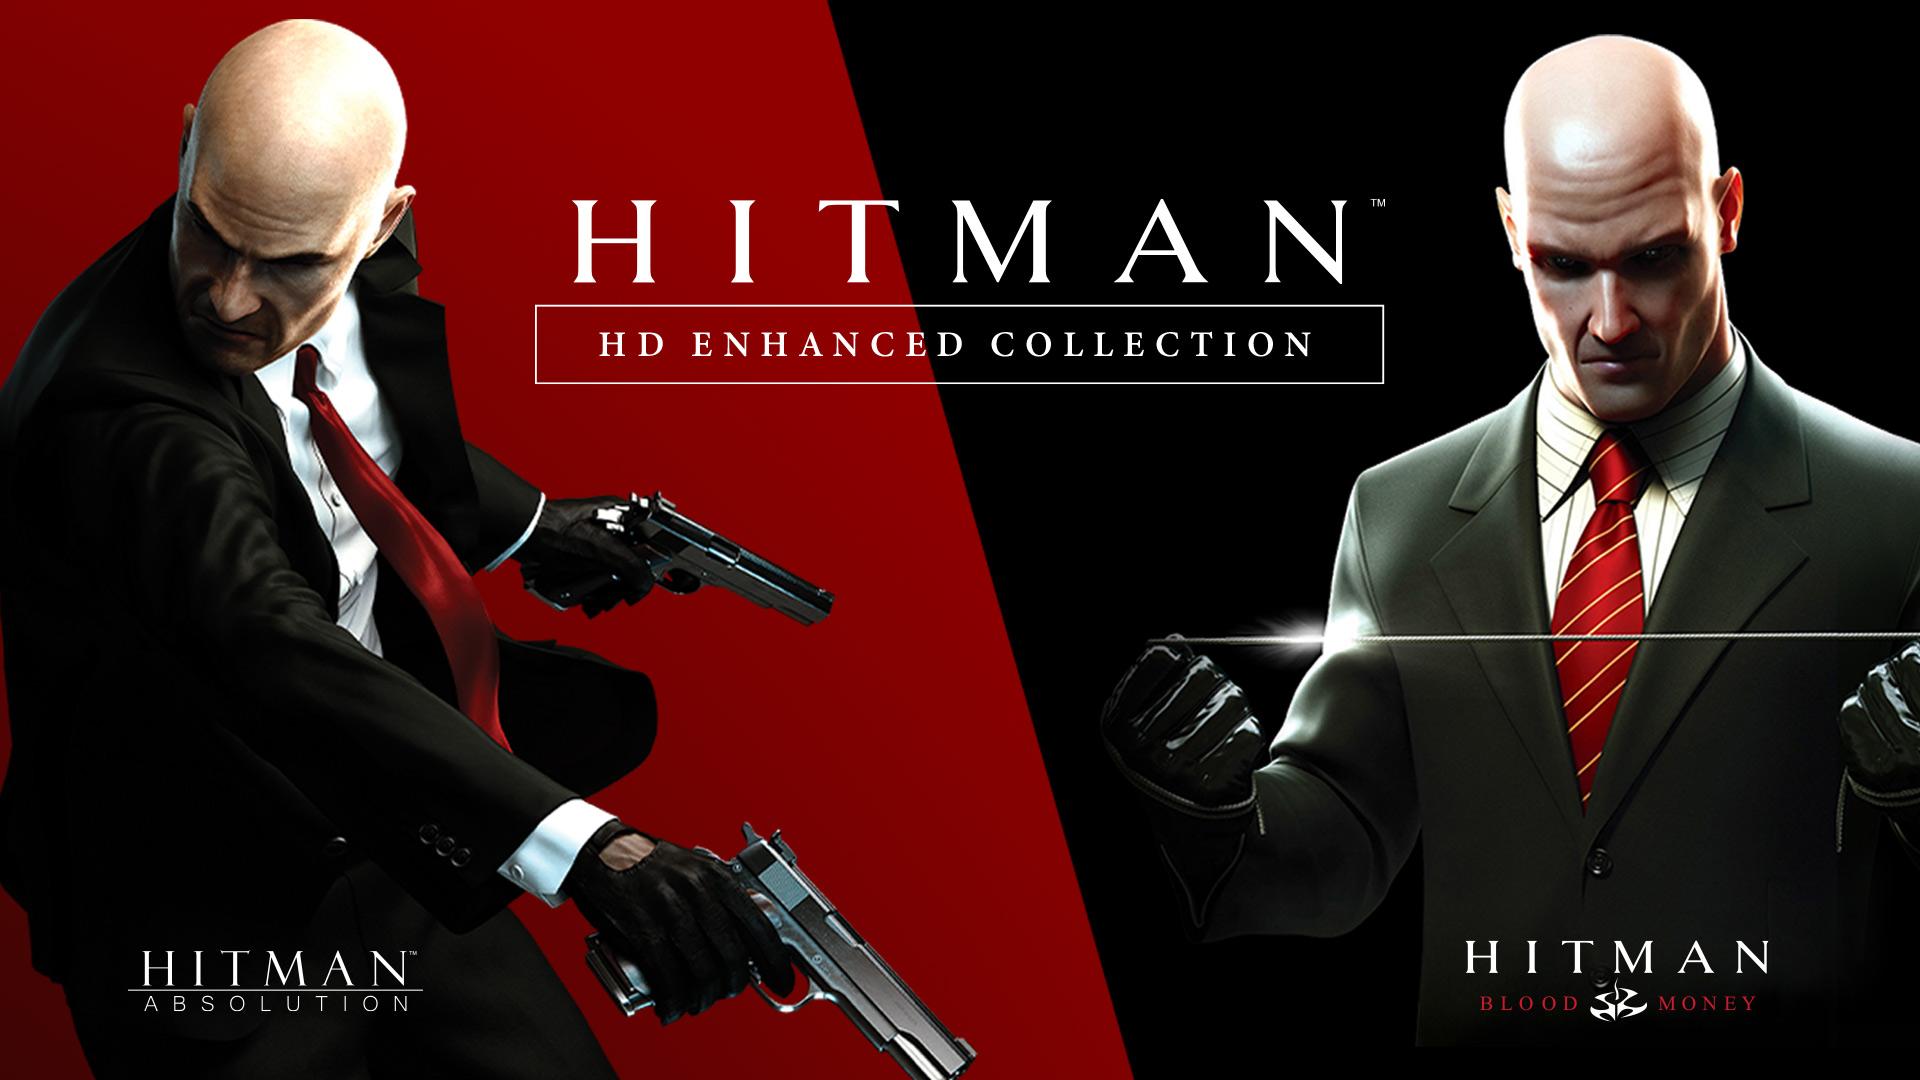 Hitman Hd Enhanced Collection Announced Gameornought